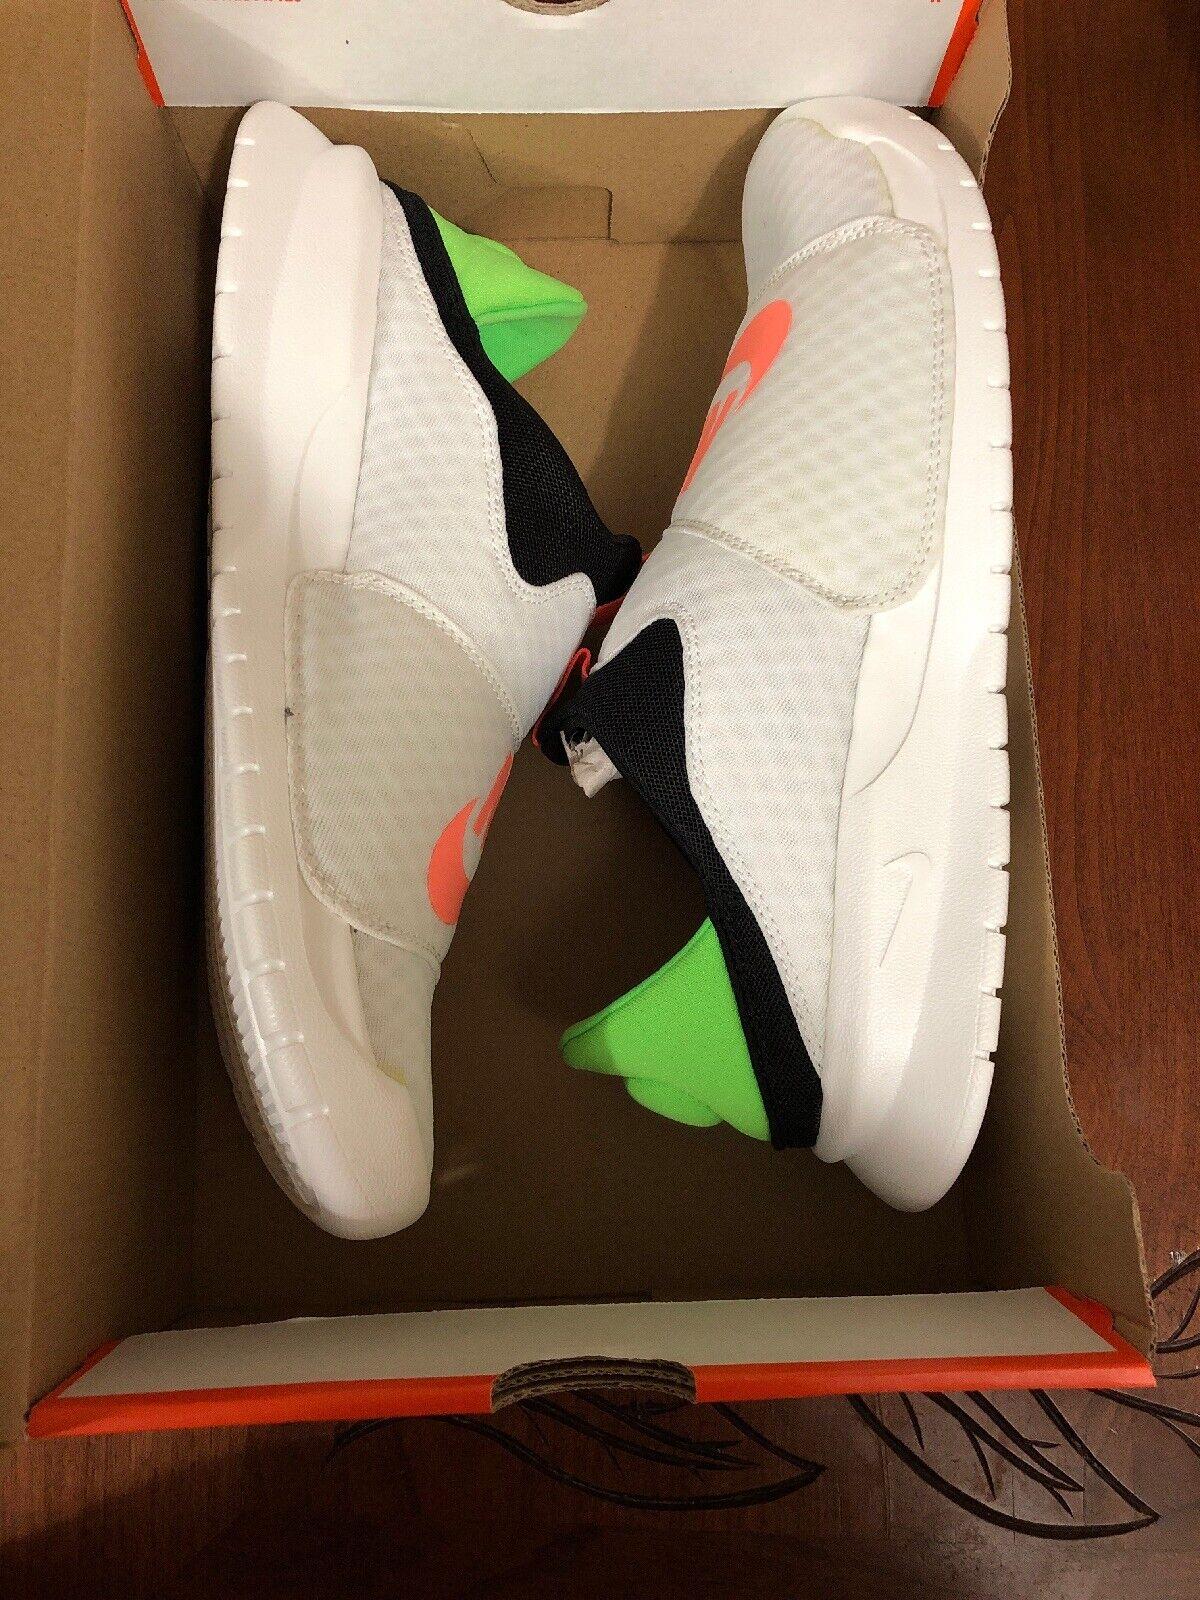 d8fcebbb Benassi SLP Mens 882410-100 White Crimson Green On shoes Size 11 Slip Nike  npsorh4063-new shoes